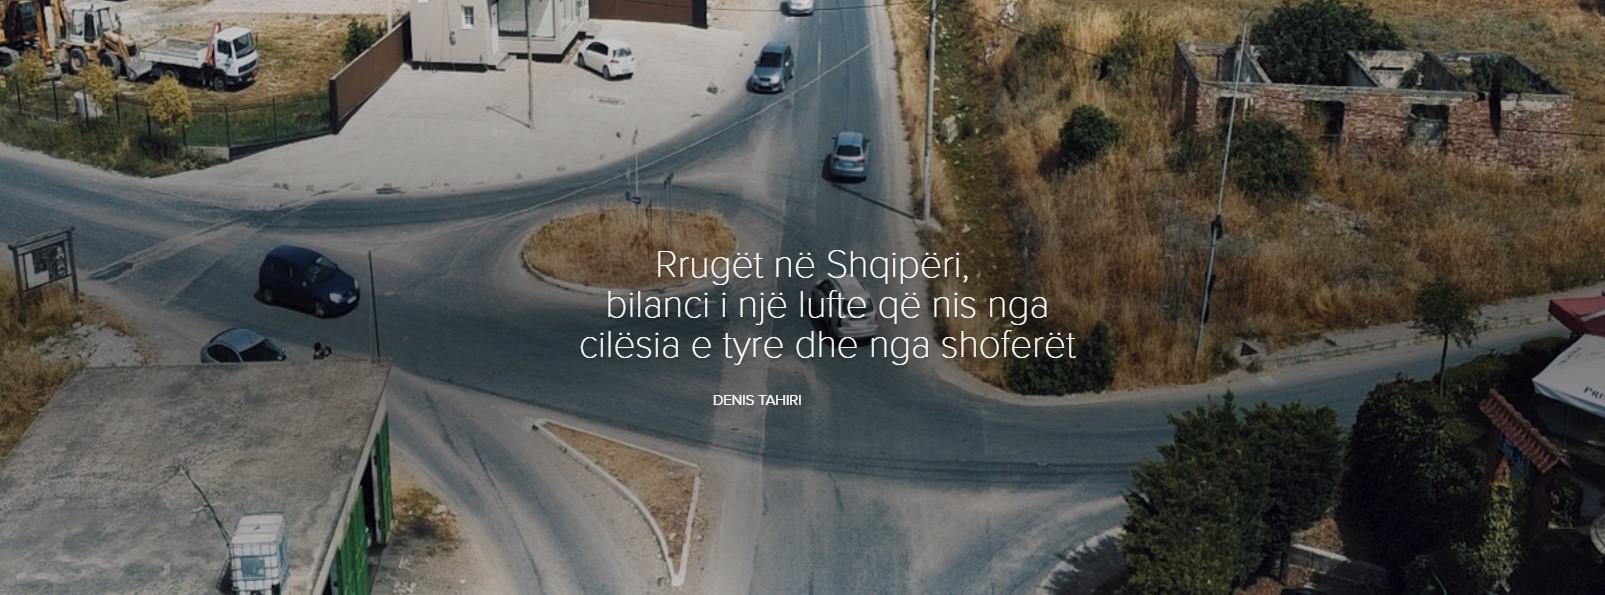 Rrugët në Shqipëri, bilanci i një lufte që nis nga cilësia e tyre dhe nga shoferët